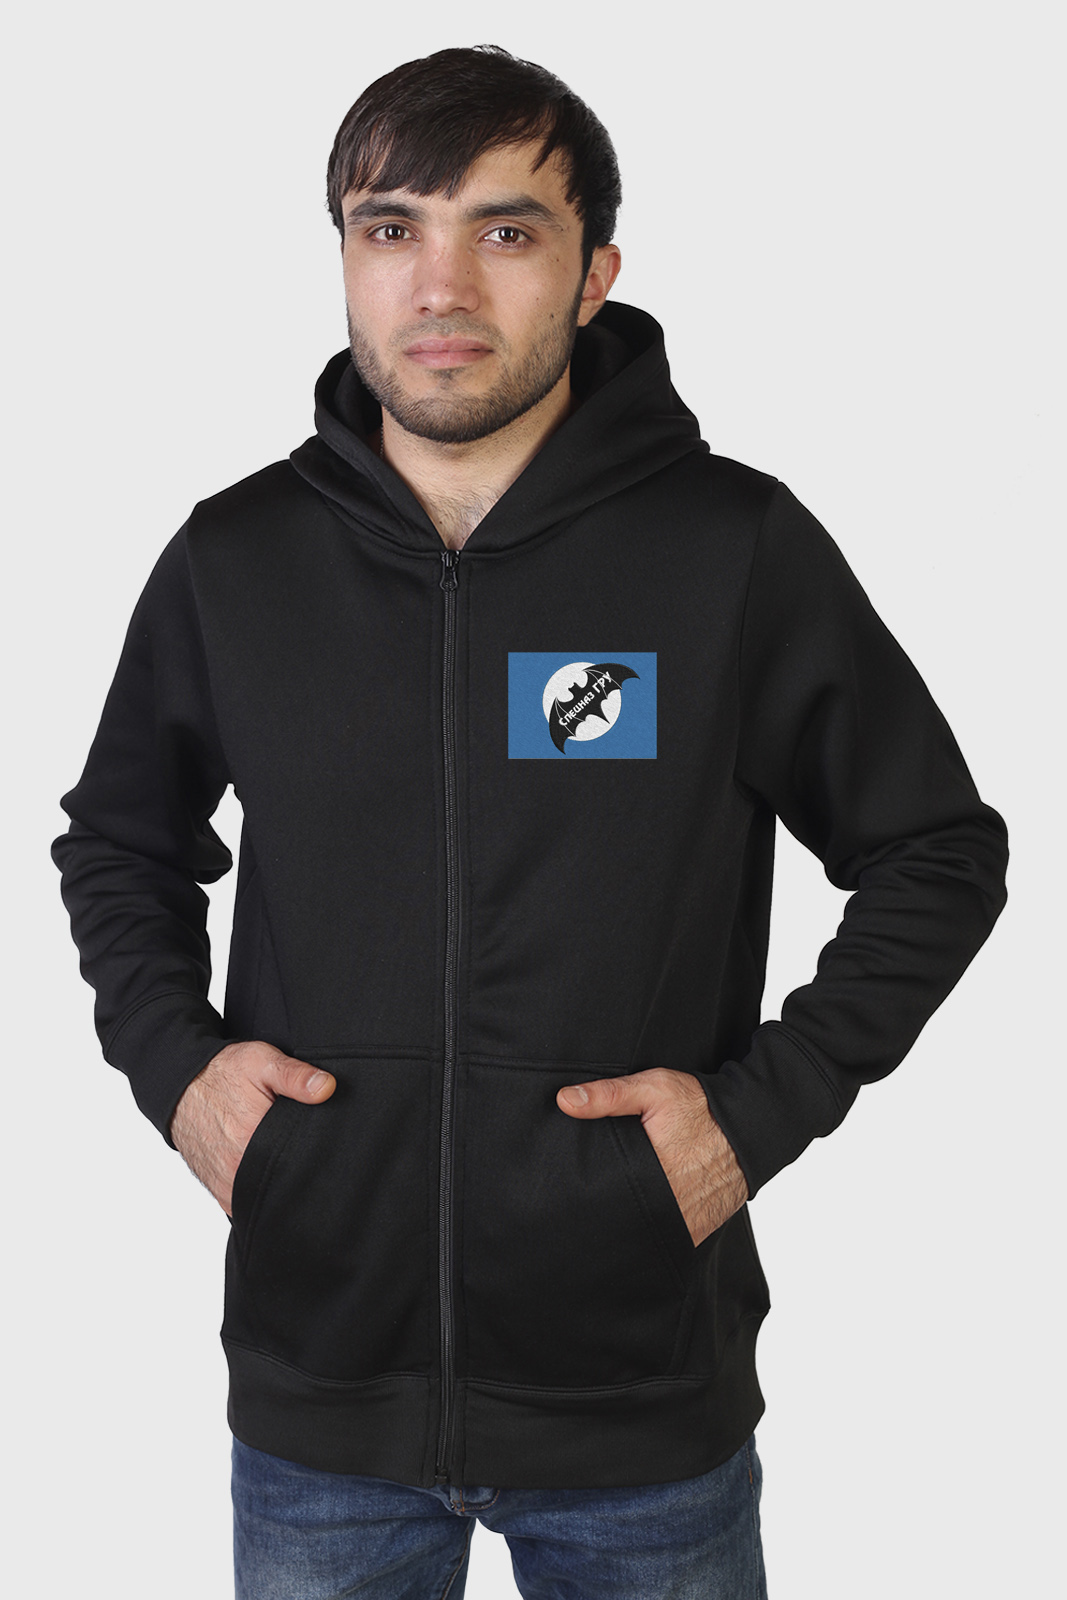 Мужская черная толстовка с эмблемой Спецназа ГРУ купить с доставкой